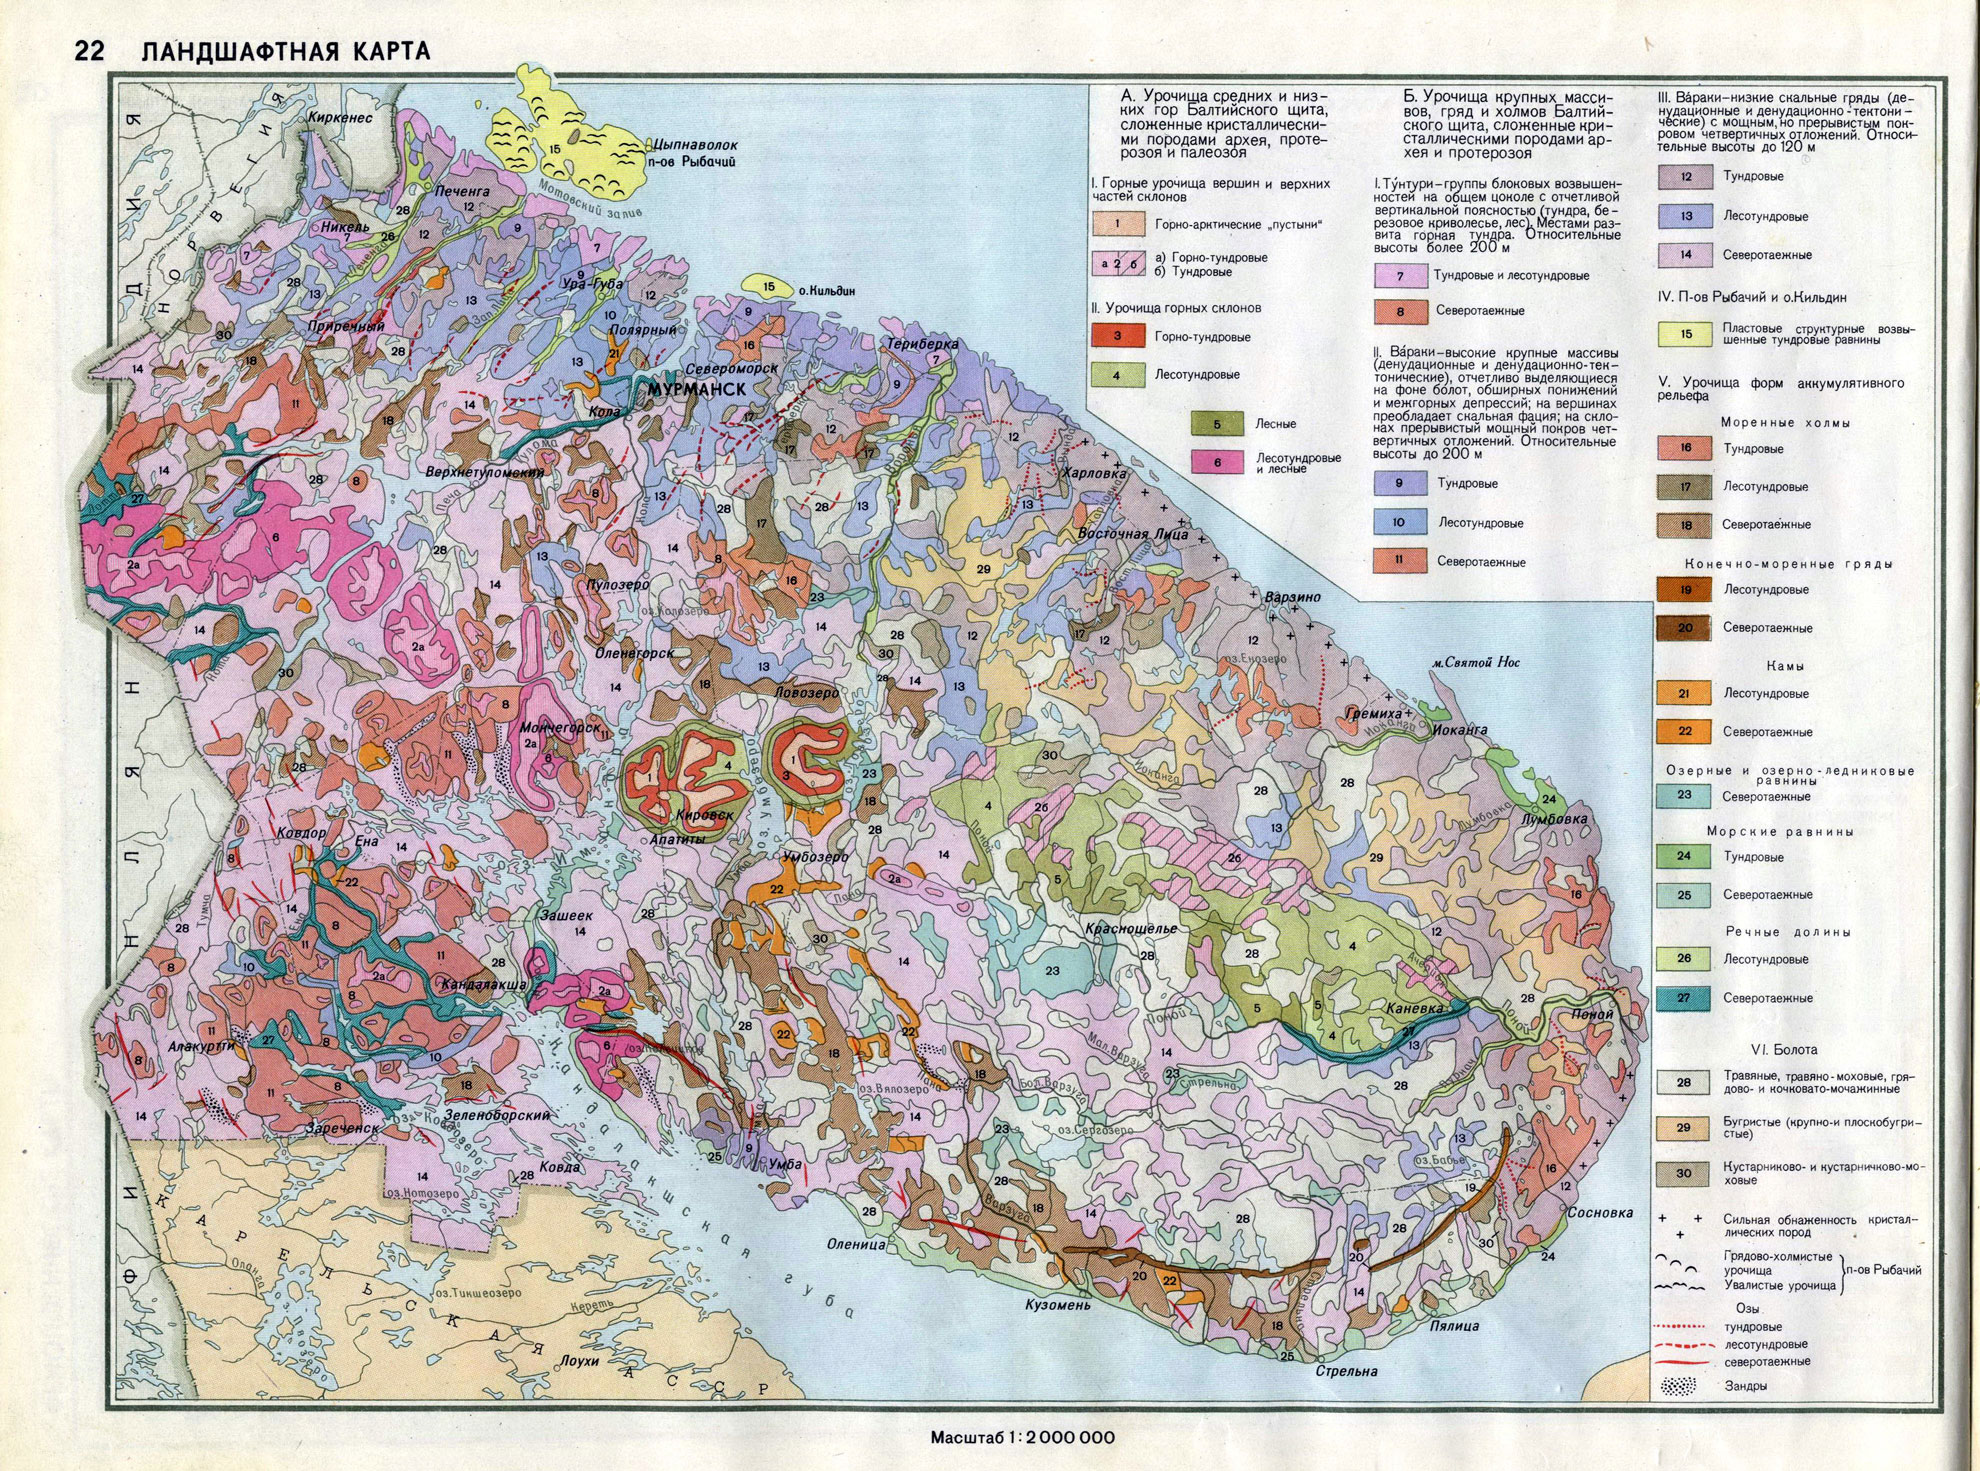 полезные ископаемые ленинградской области кратко